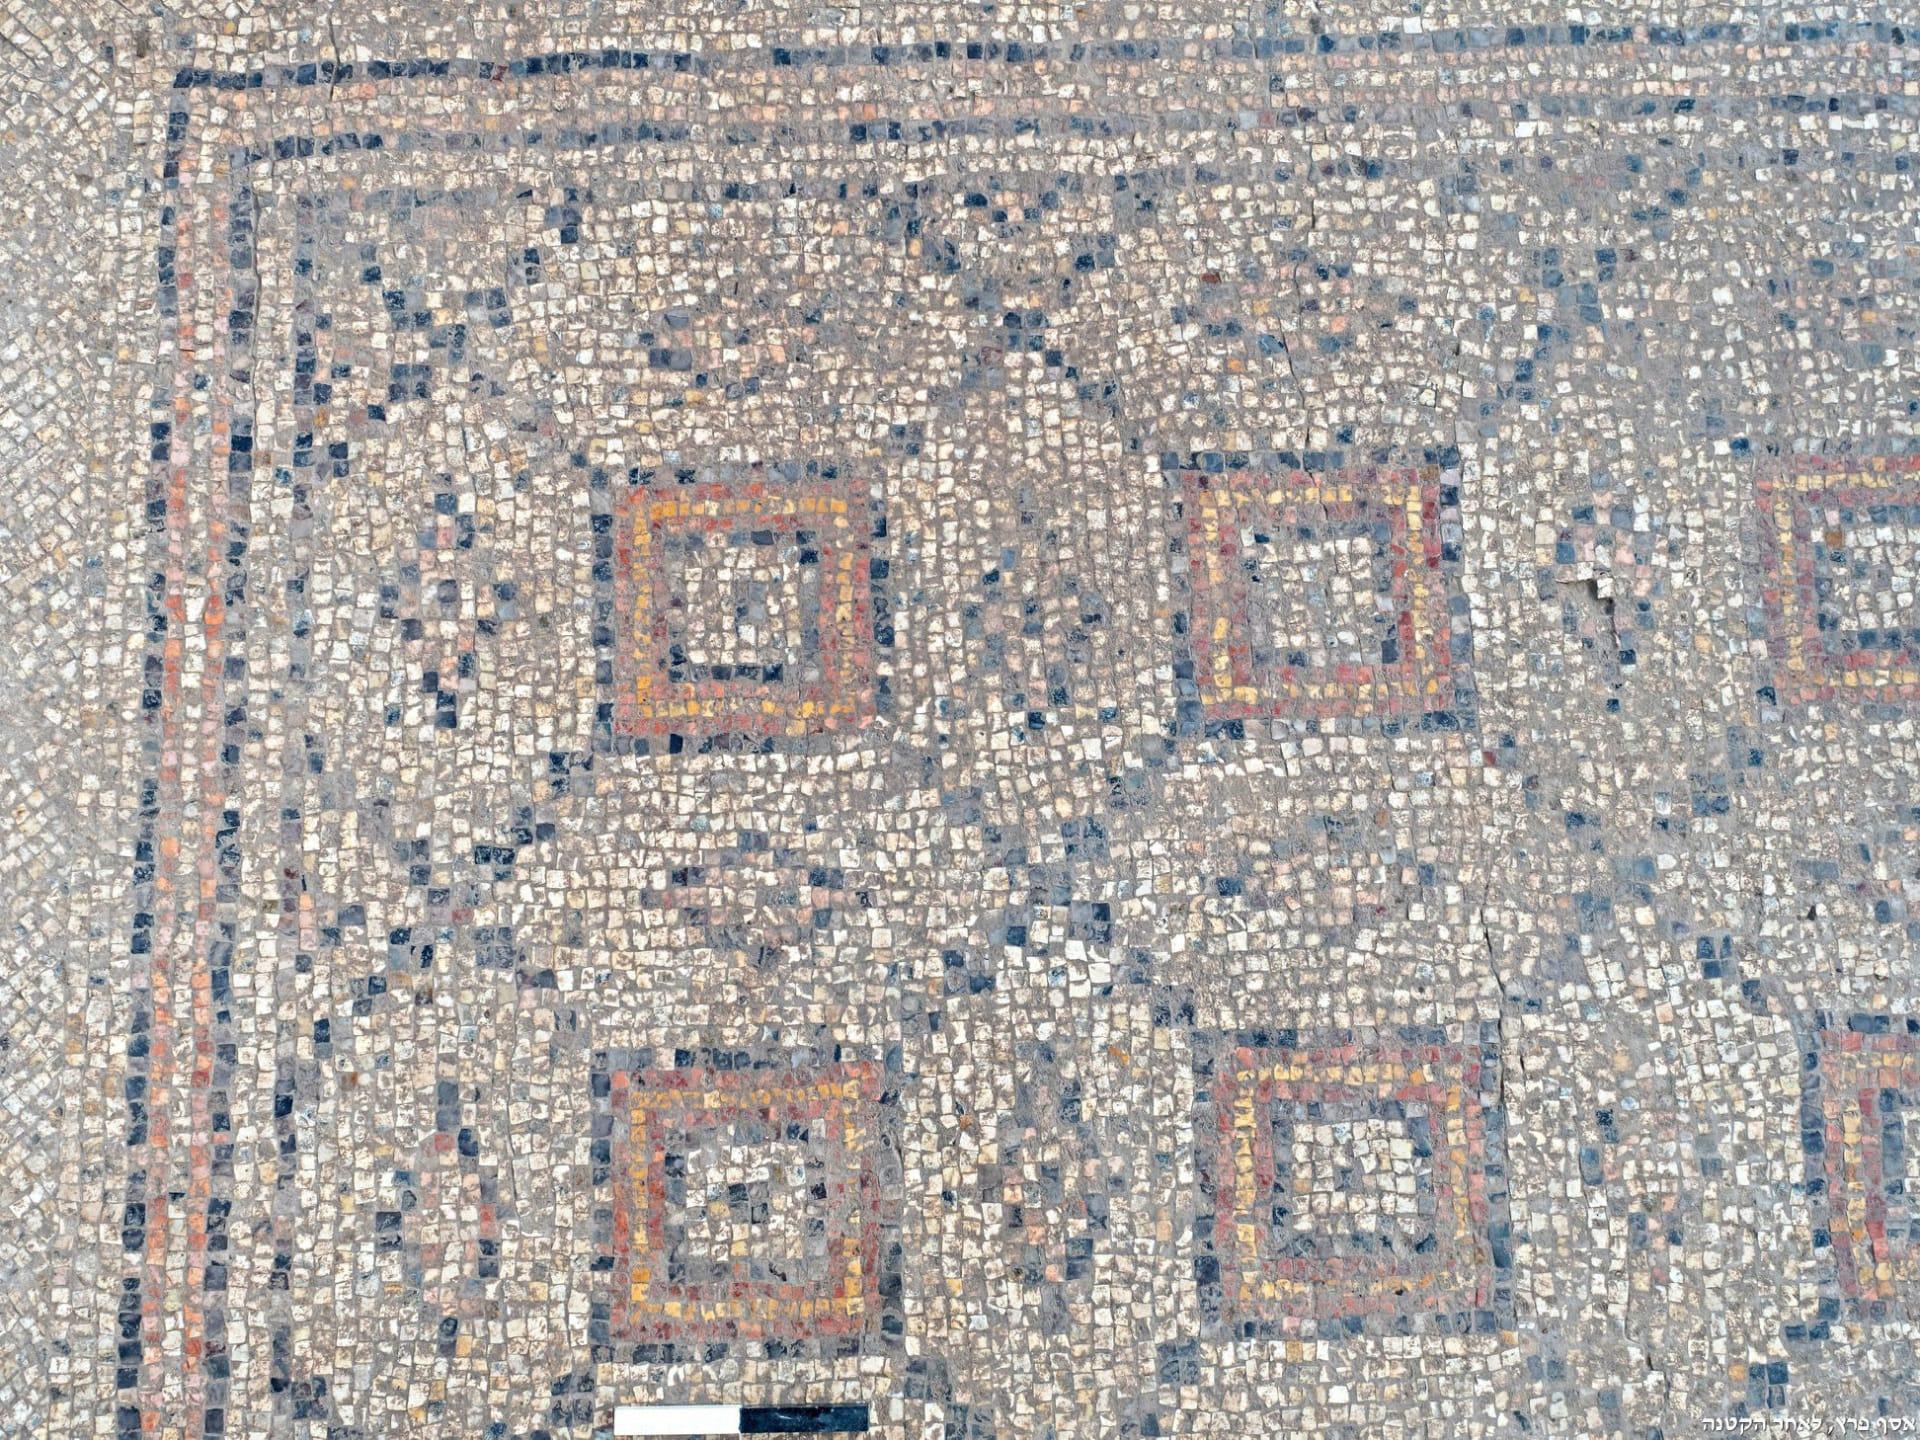 محفوظة بشكل جيد.. علماء الآثار يكتشفون فسيفساء عمرها 1،600 عام في إسرائيل